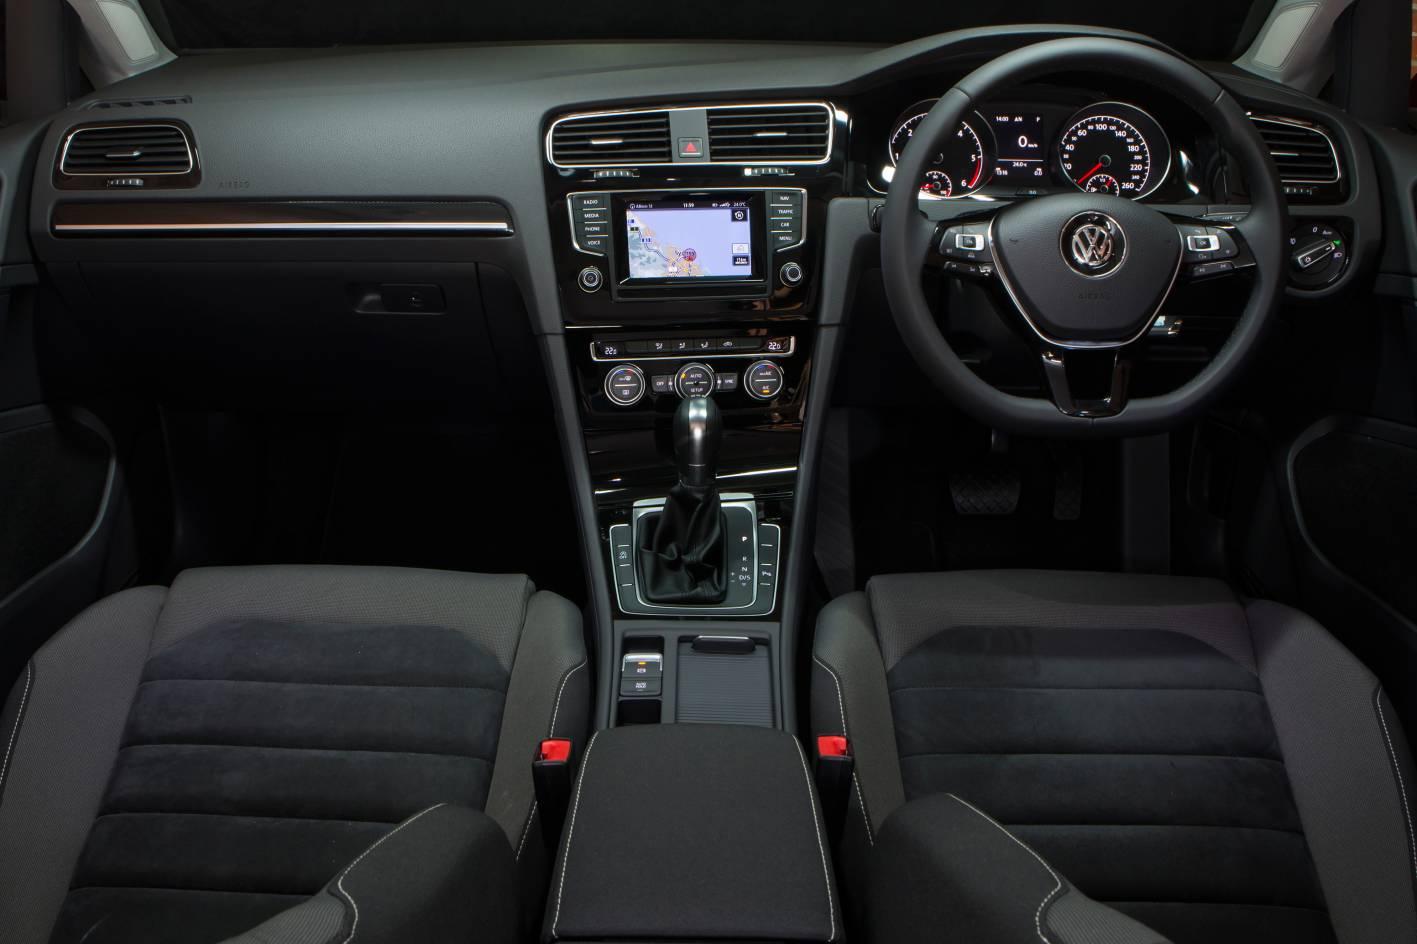 2014 Volkswagen Golf Wagon Interior Forcegt Com